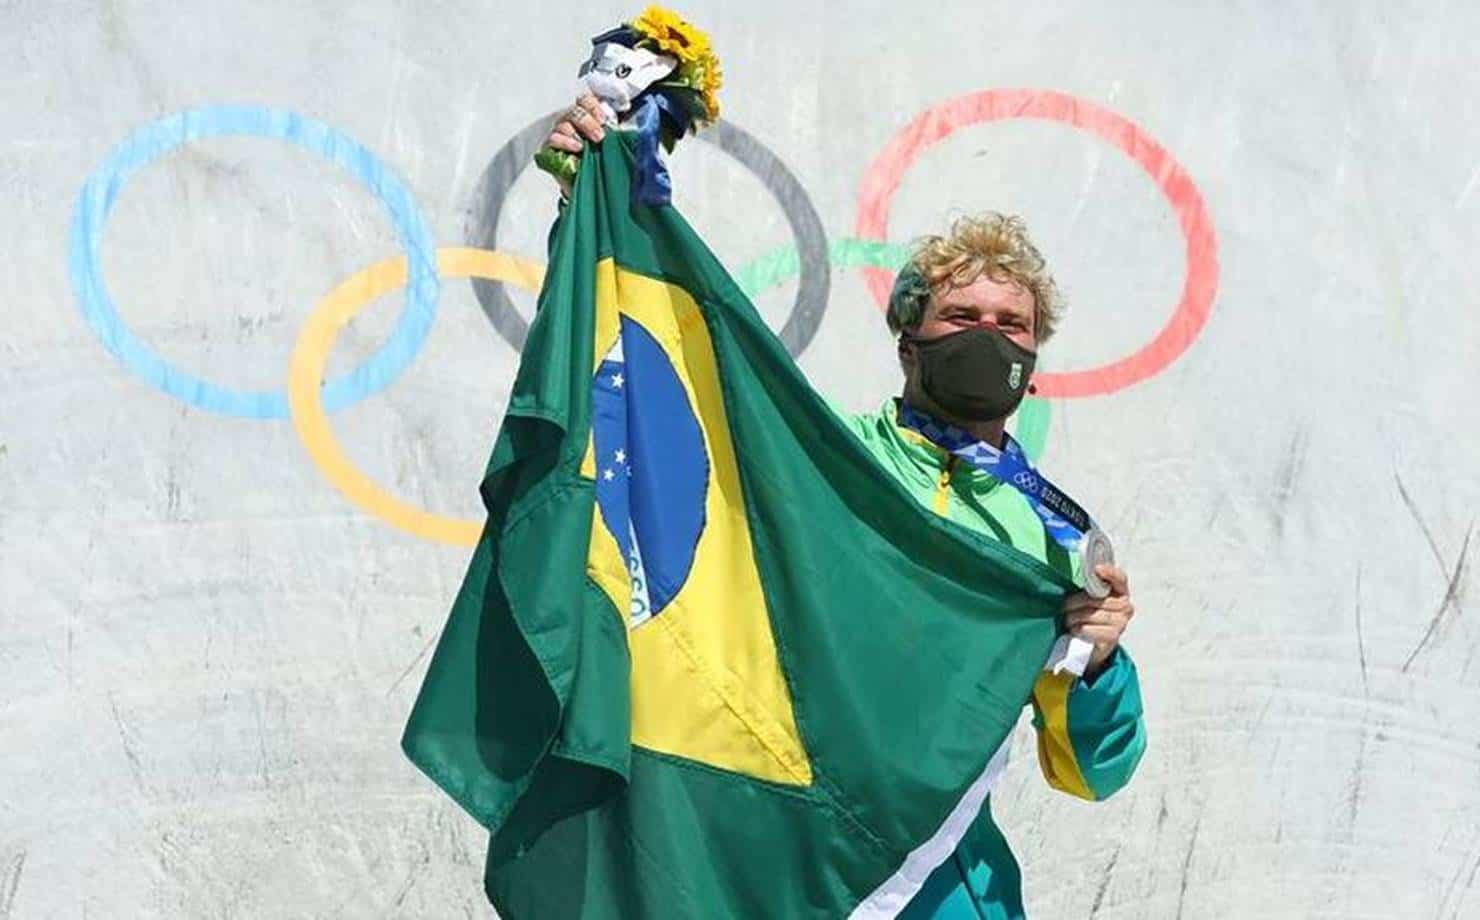 Olimpíadas: Pedro Barros conquista a medalha de prata no skate park